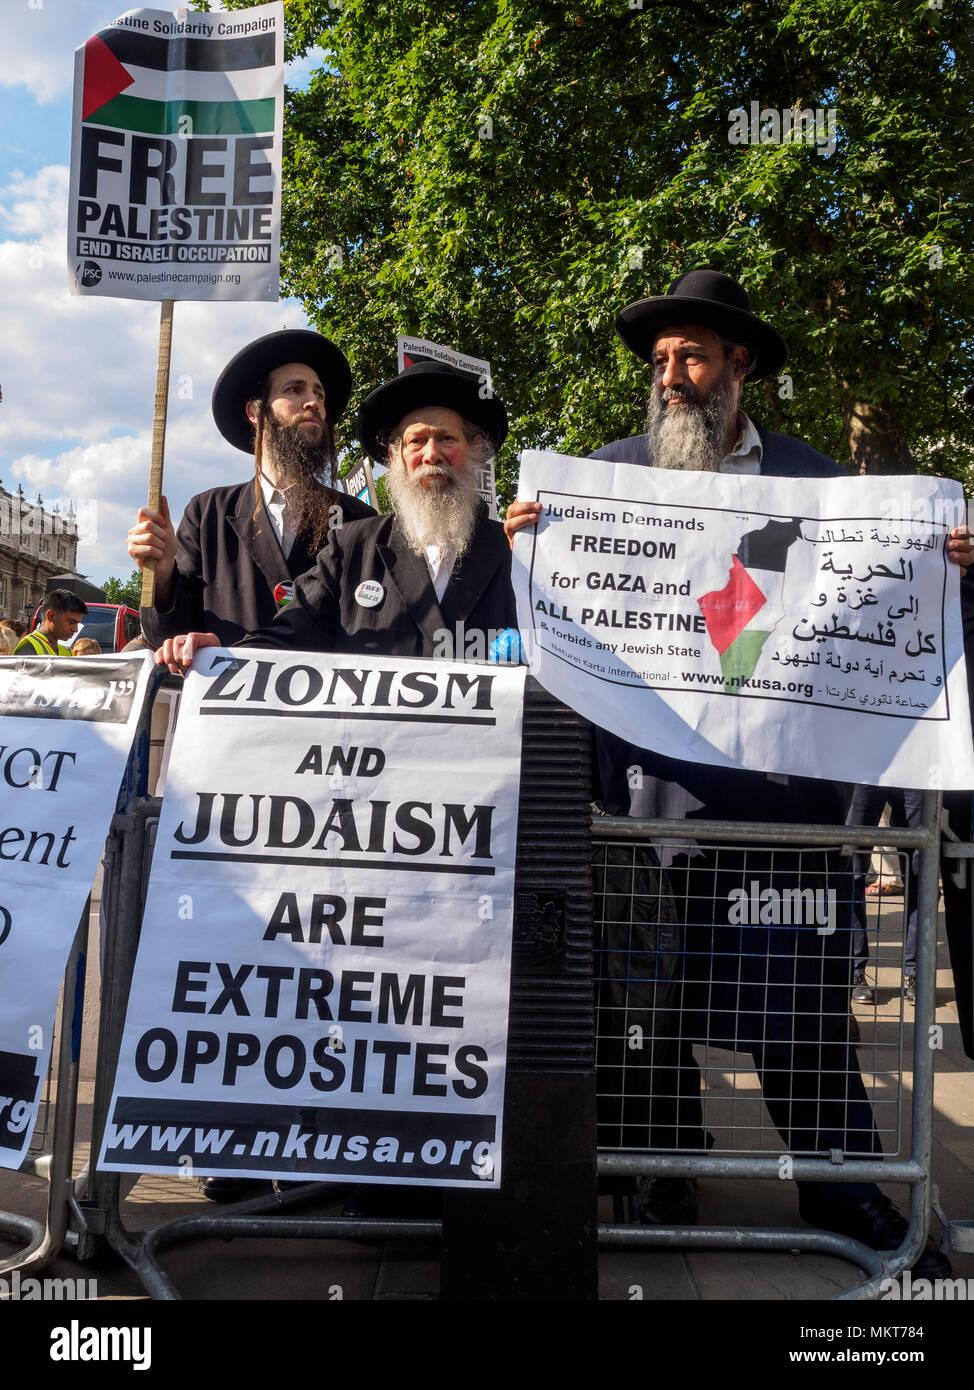 29 juillet 2014 mars contre le sionisme - les juifs orthodoxes de protestation contre les bombardements sur Gaza - Londres, Angleterre Photo Stock